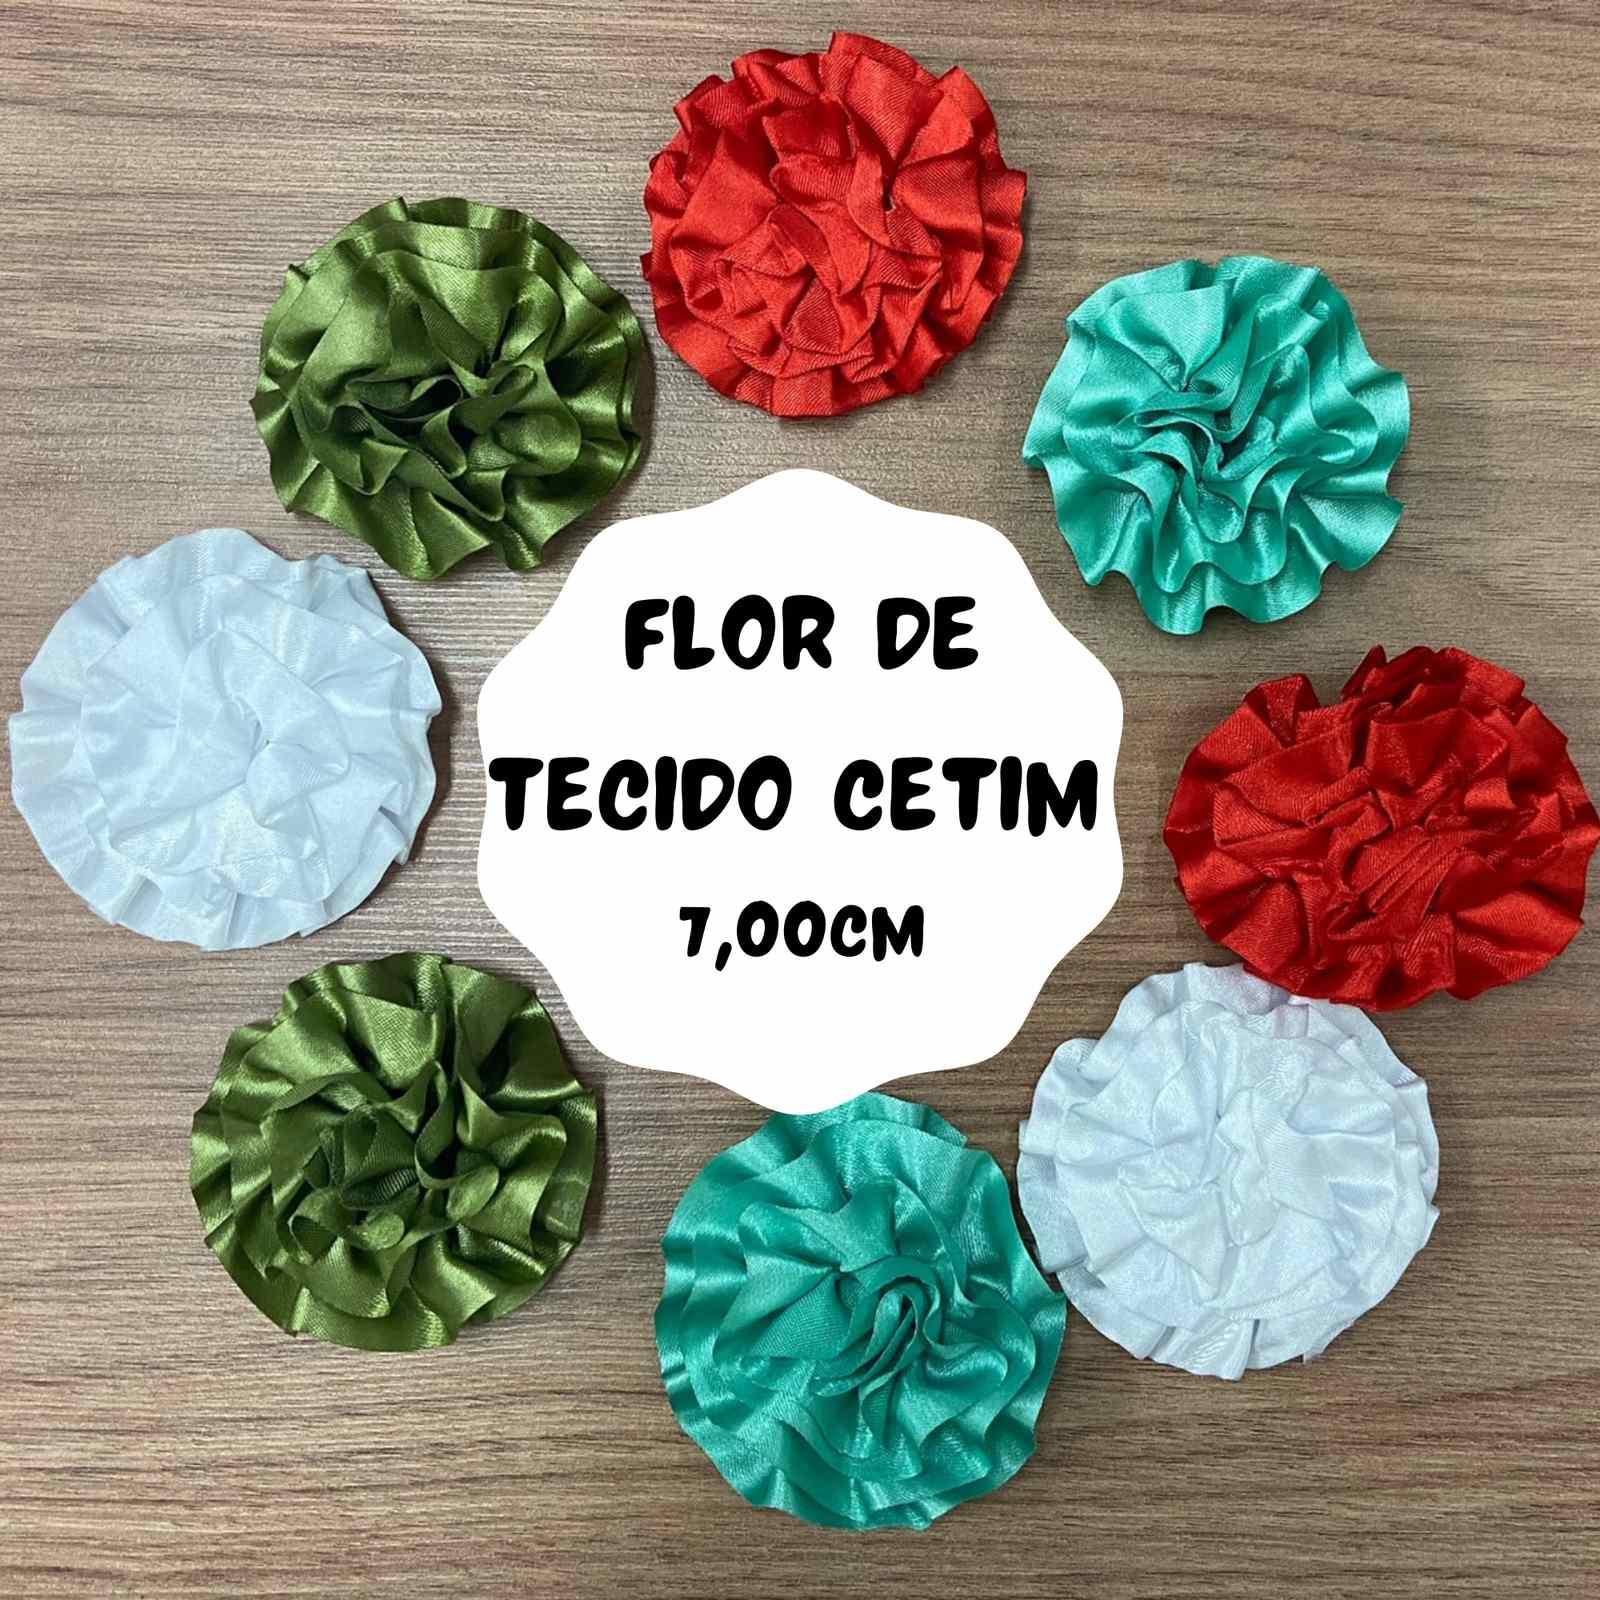 Flor de Tecido Cetim 7cm - 2 unidades